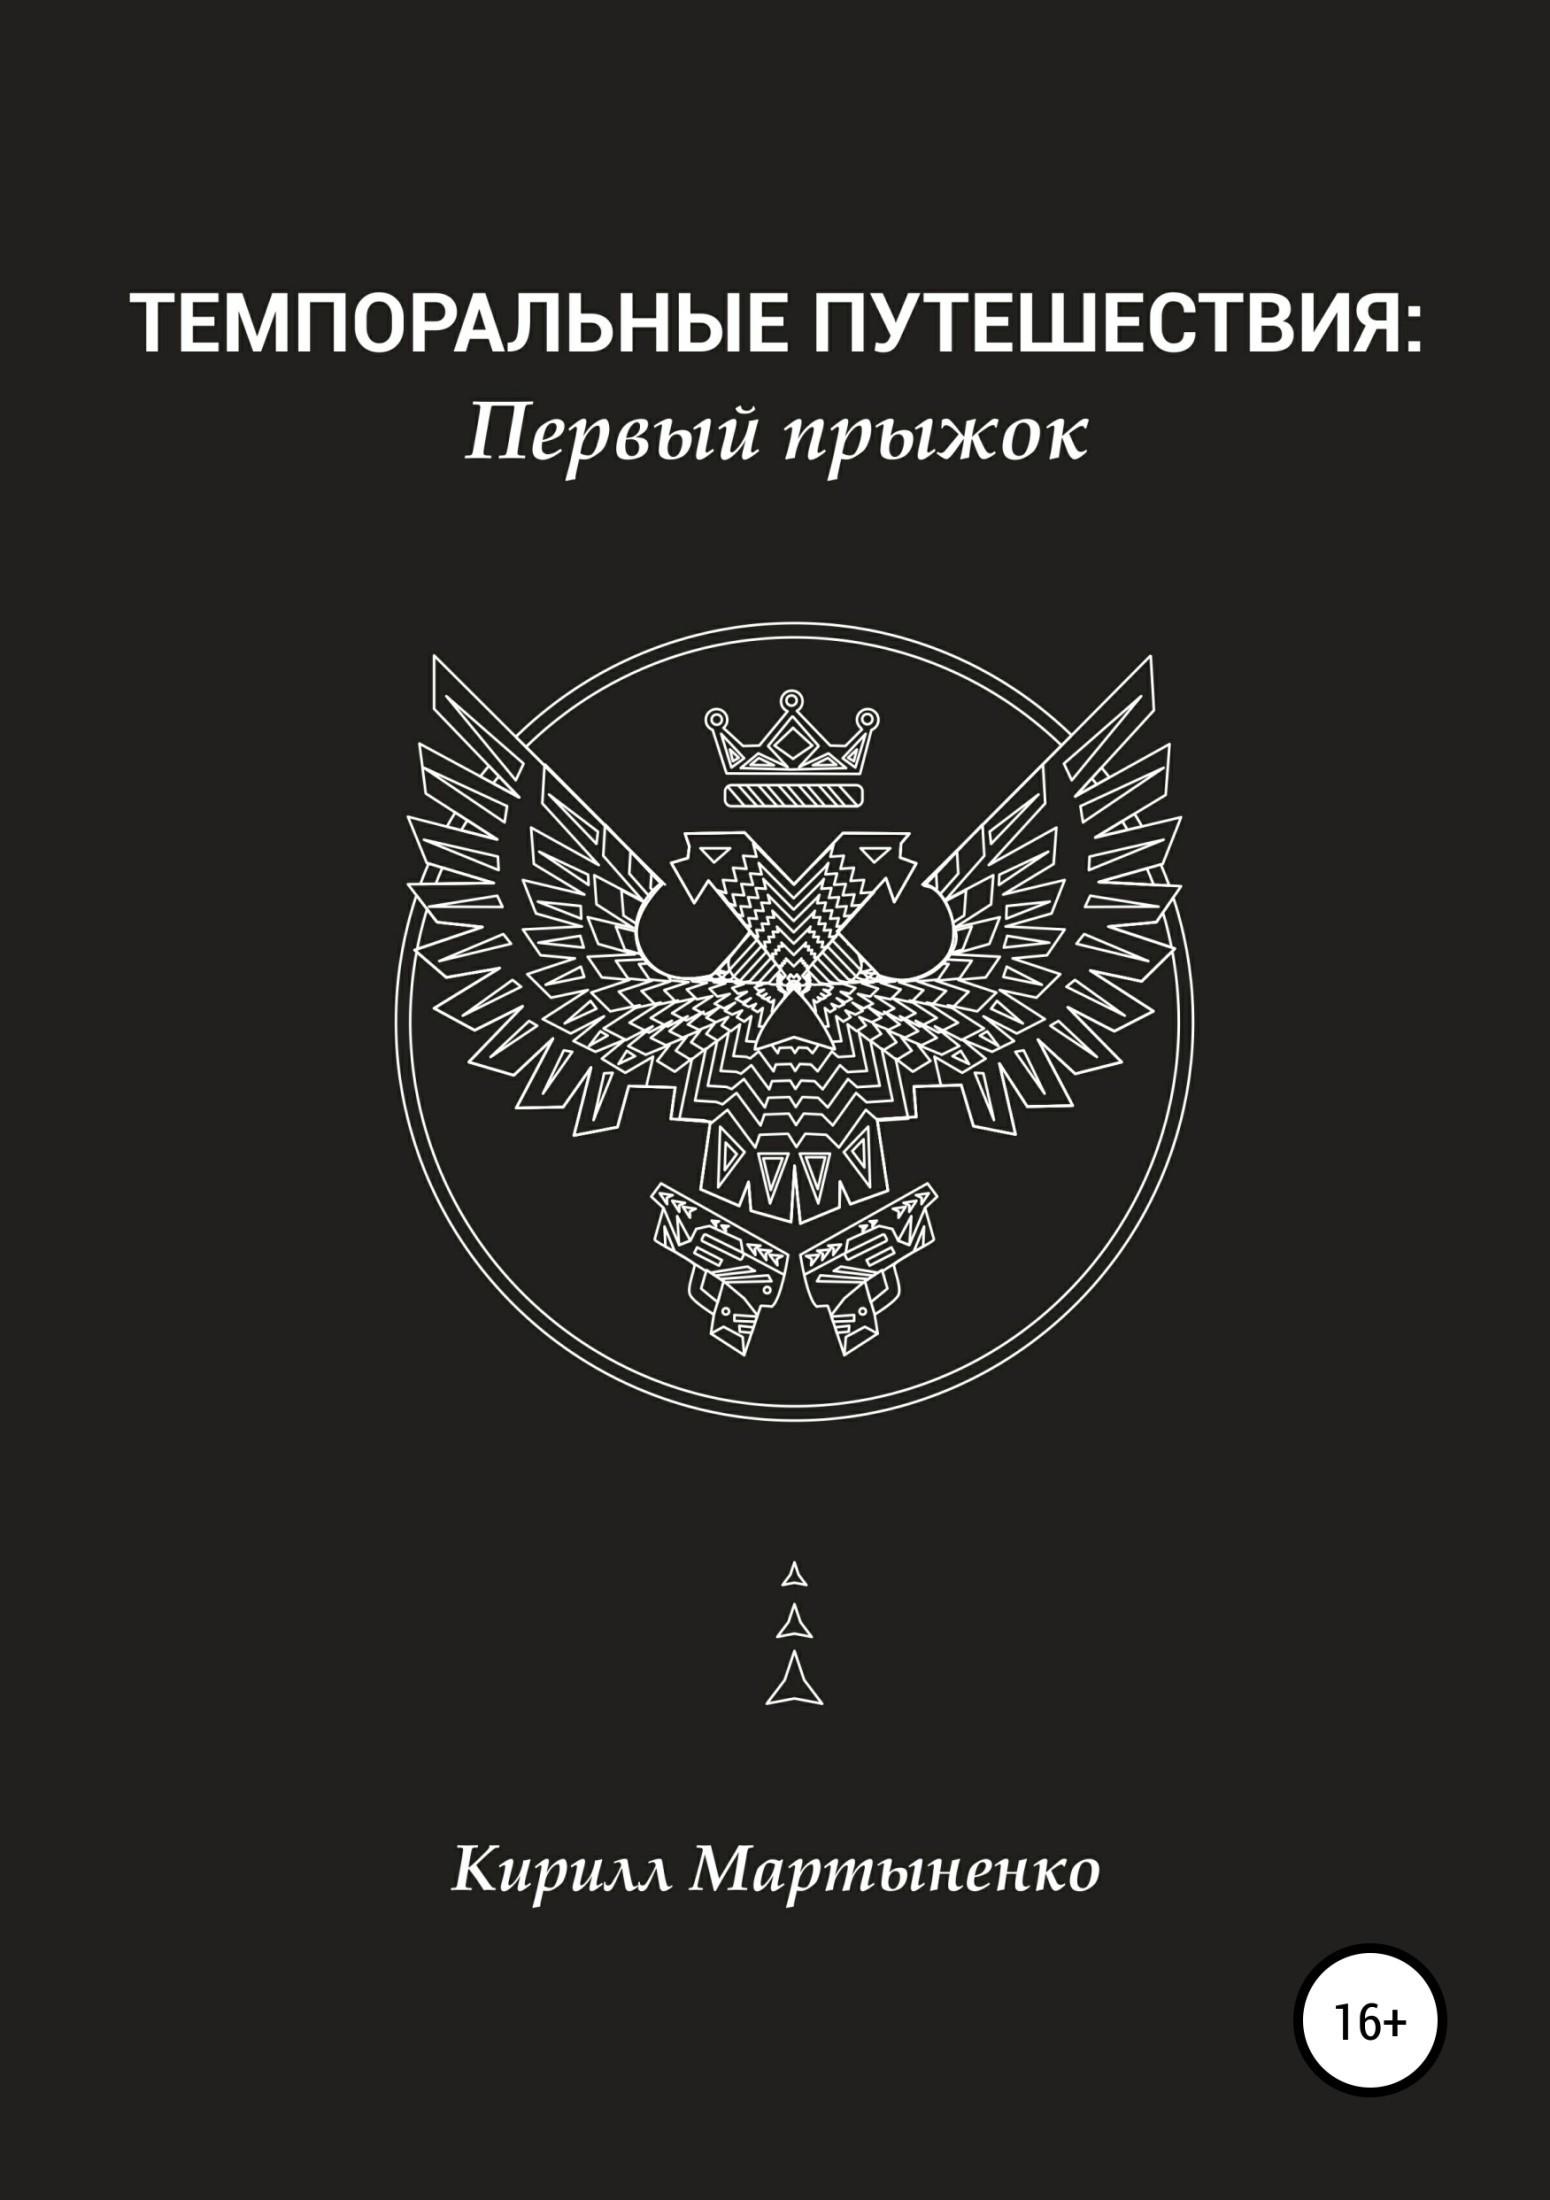 Кирилл Мартыненко - Темпоральные путешествия: Первый прыжок